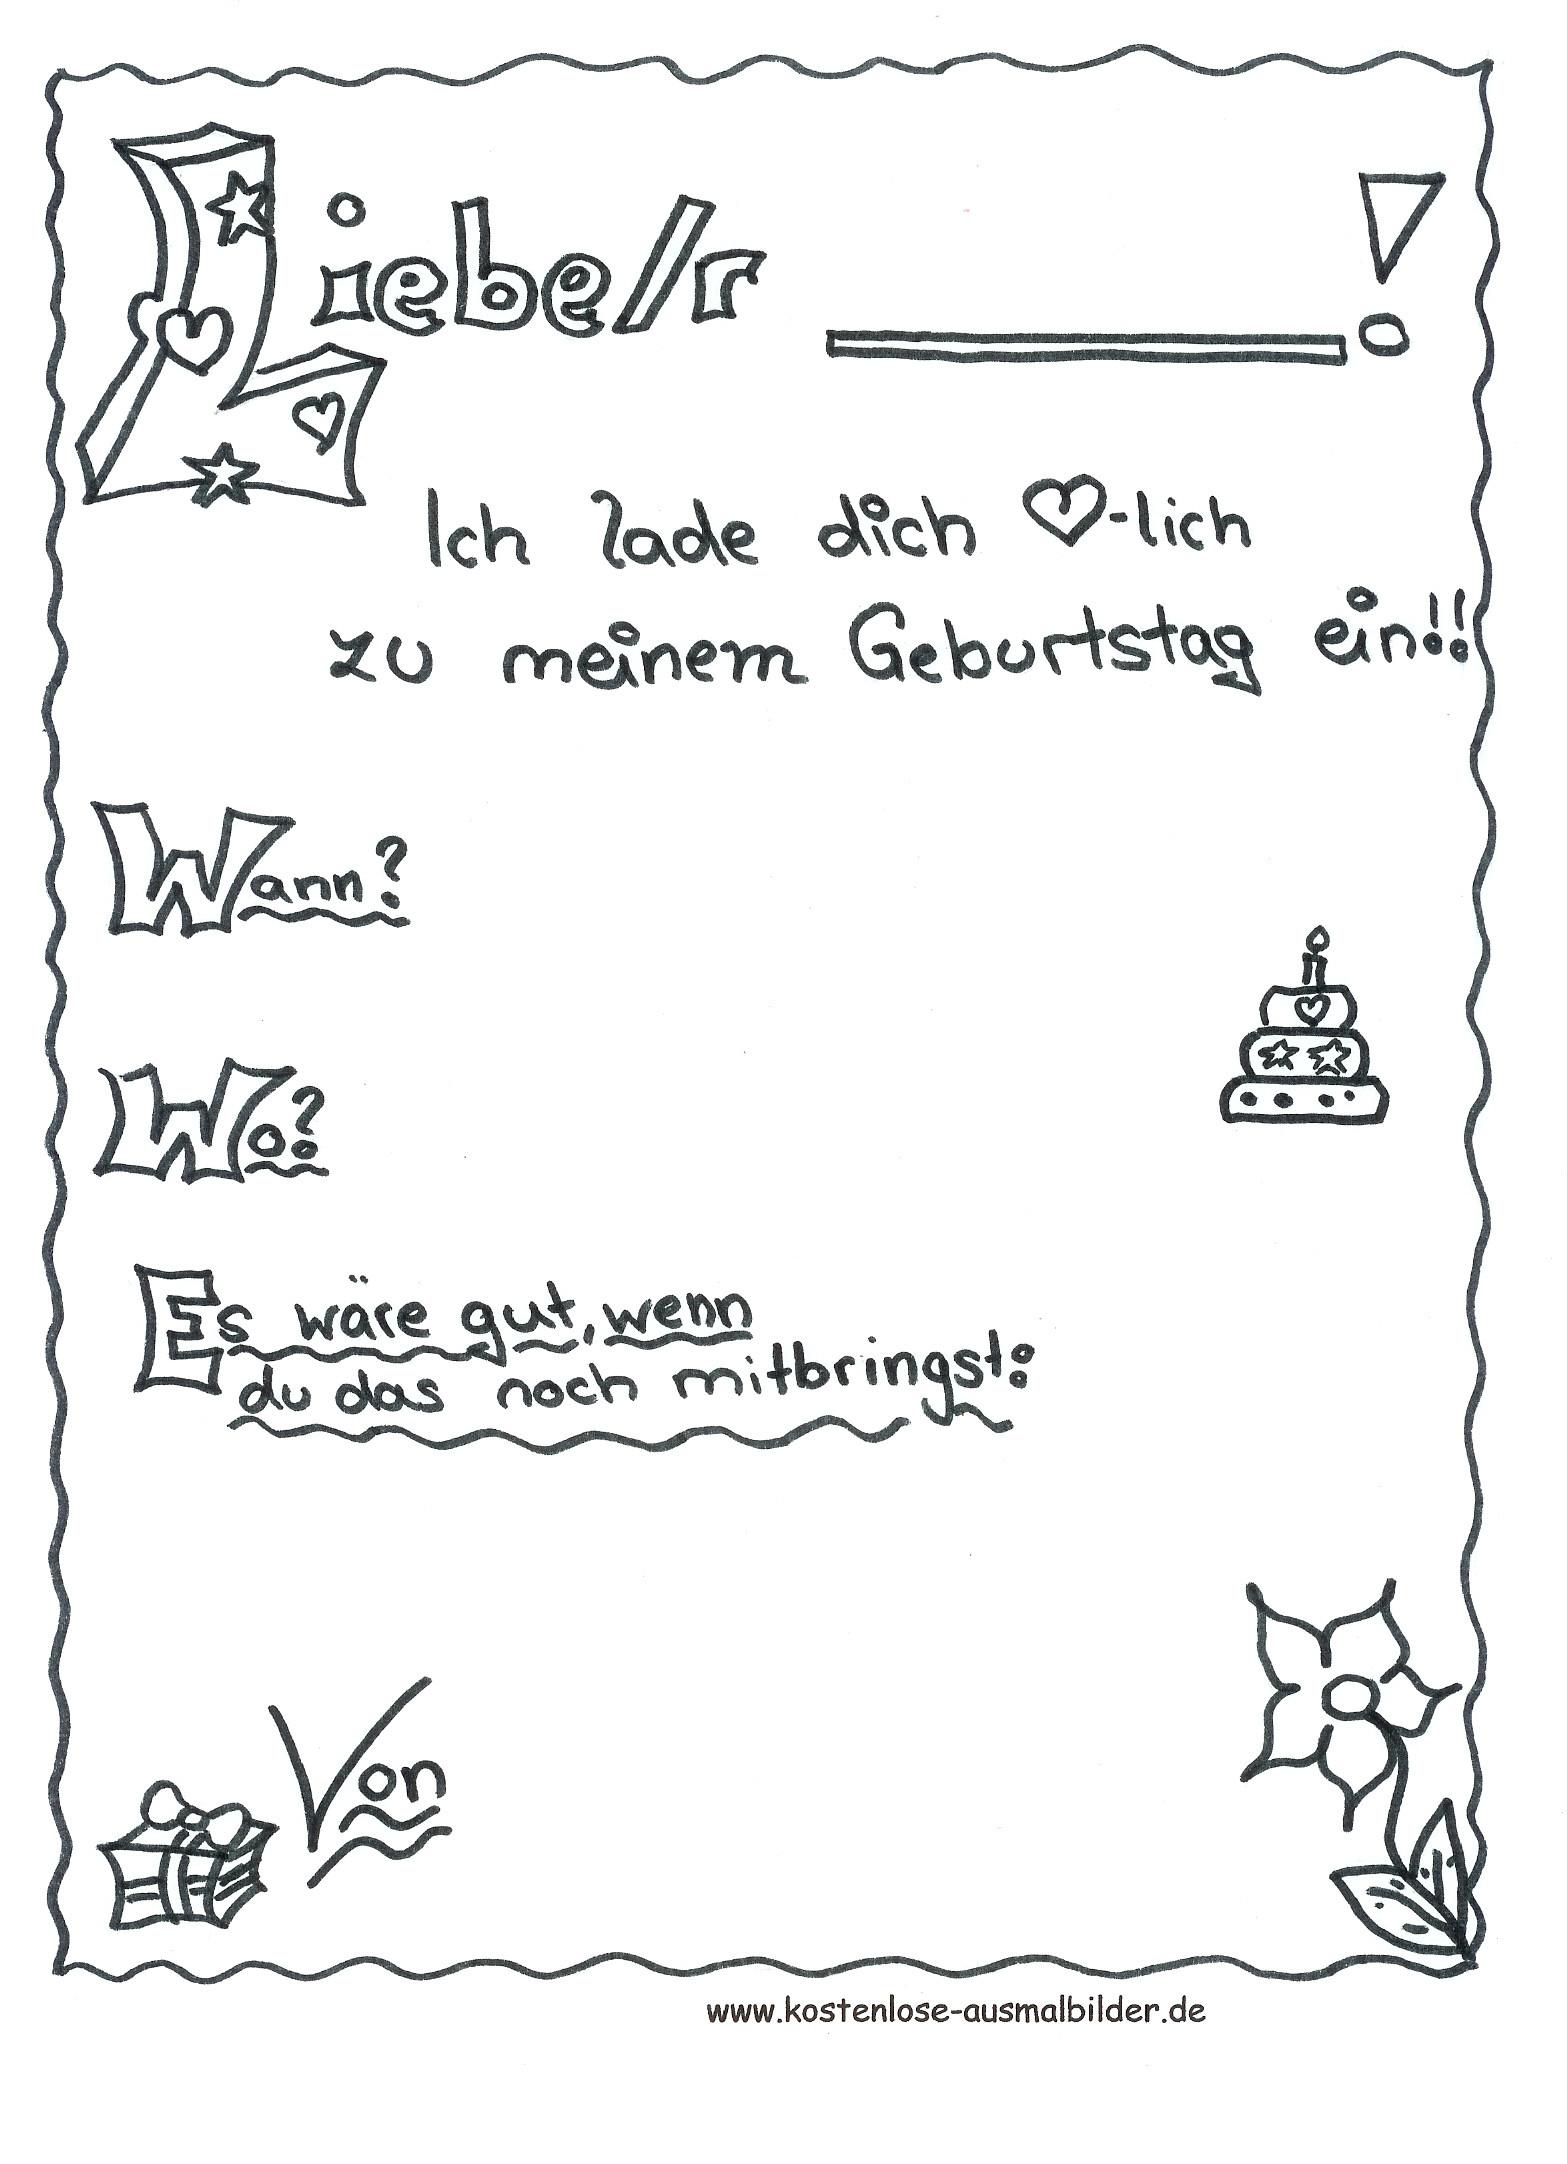 Ausmalbilder 10 Jahre Frisch Malvorlage Geburtstag Malvorlagen Für Kinder Galerie